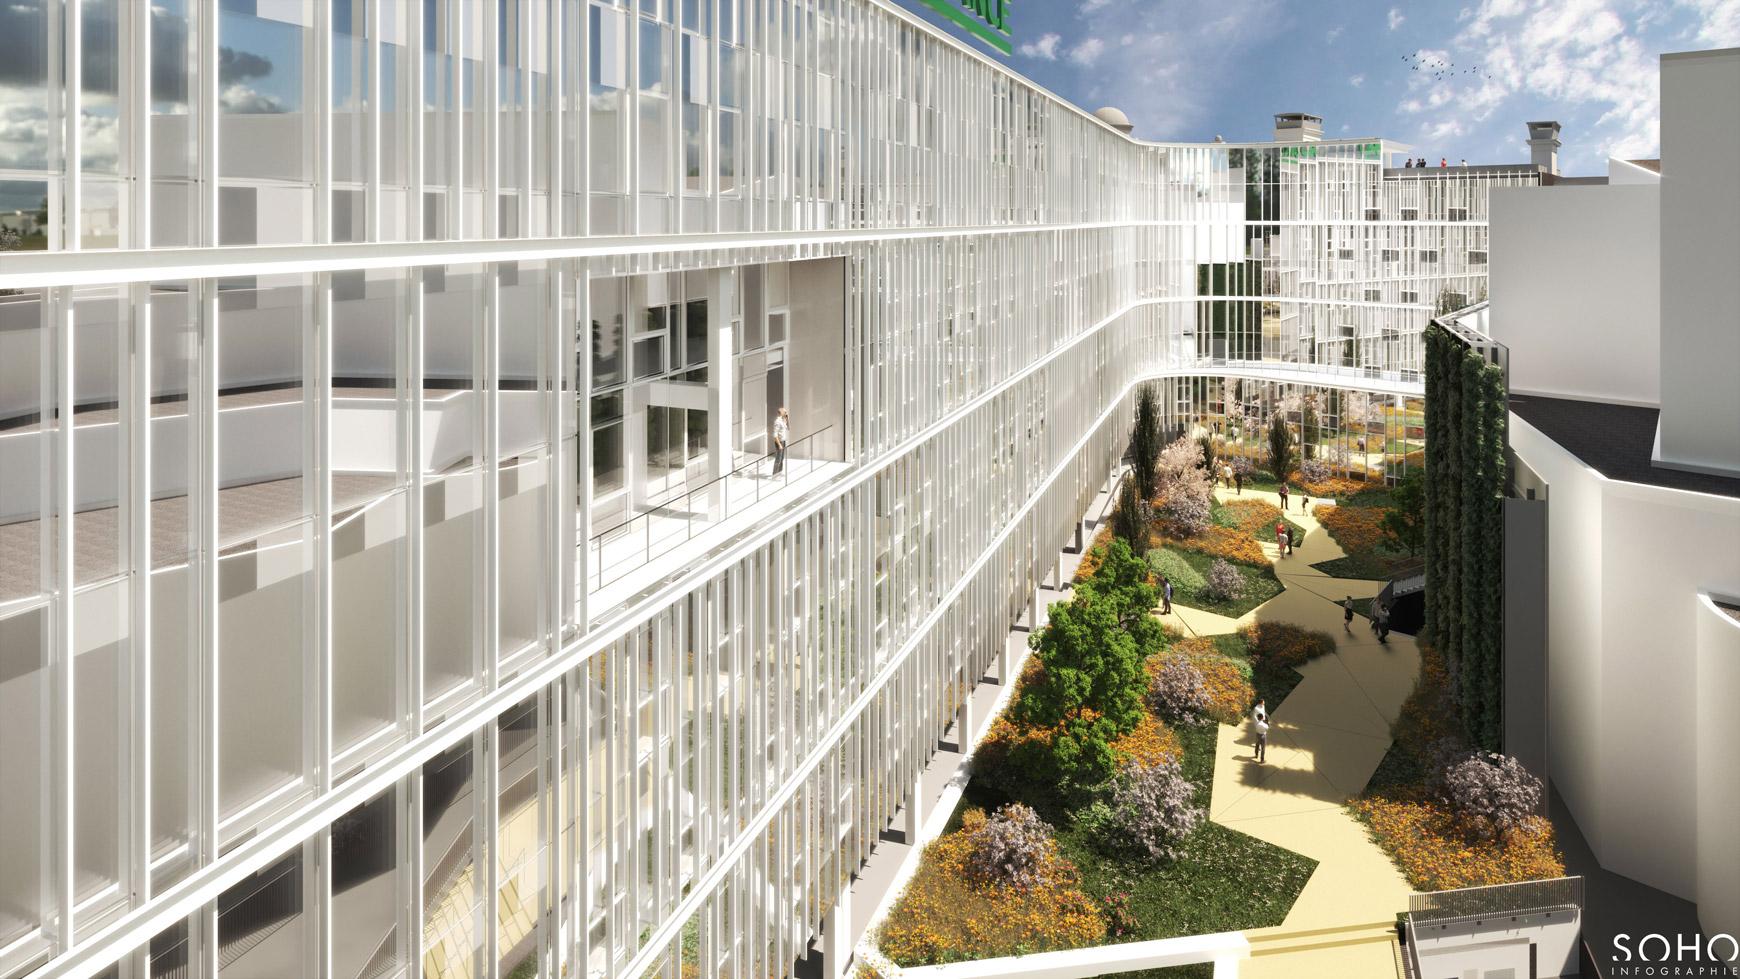 Réhabilitation lourde du siège sociale du Crédit Agricole Centre France à Clermont-Ferrand, labélisé BREEAM EXCELLENT, réalisé par le pôle Tertiaire de l'agence d'architecture SOHO ATLAS IN FINE LYON. Perspective, vue sur la cour intérieure.